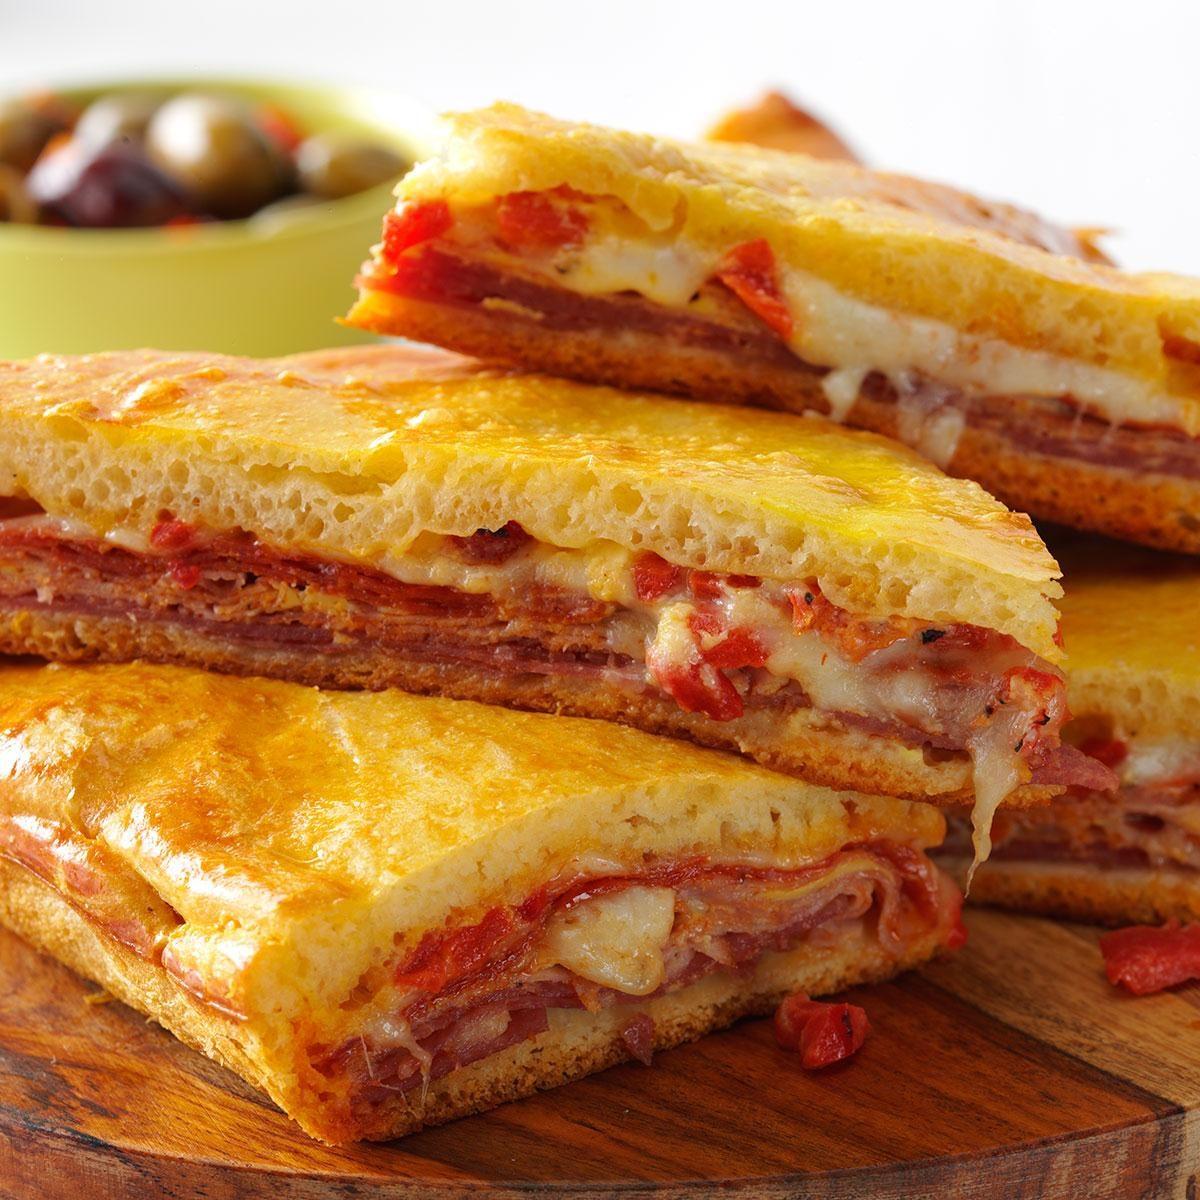 Simple Sandwich Recipes: Hot Antipasto Sandwiches Recipe